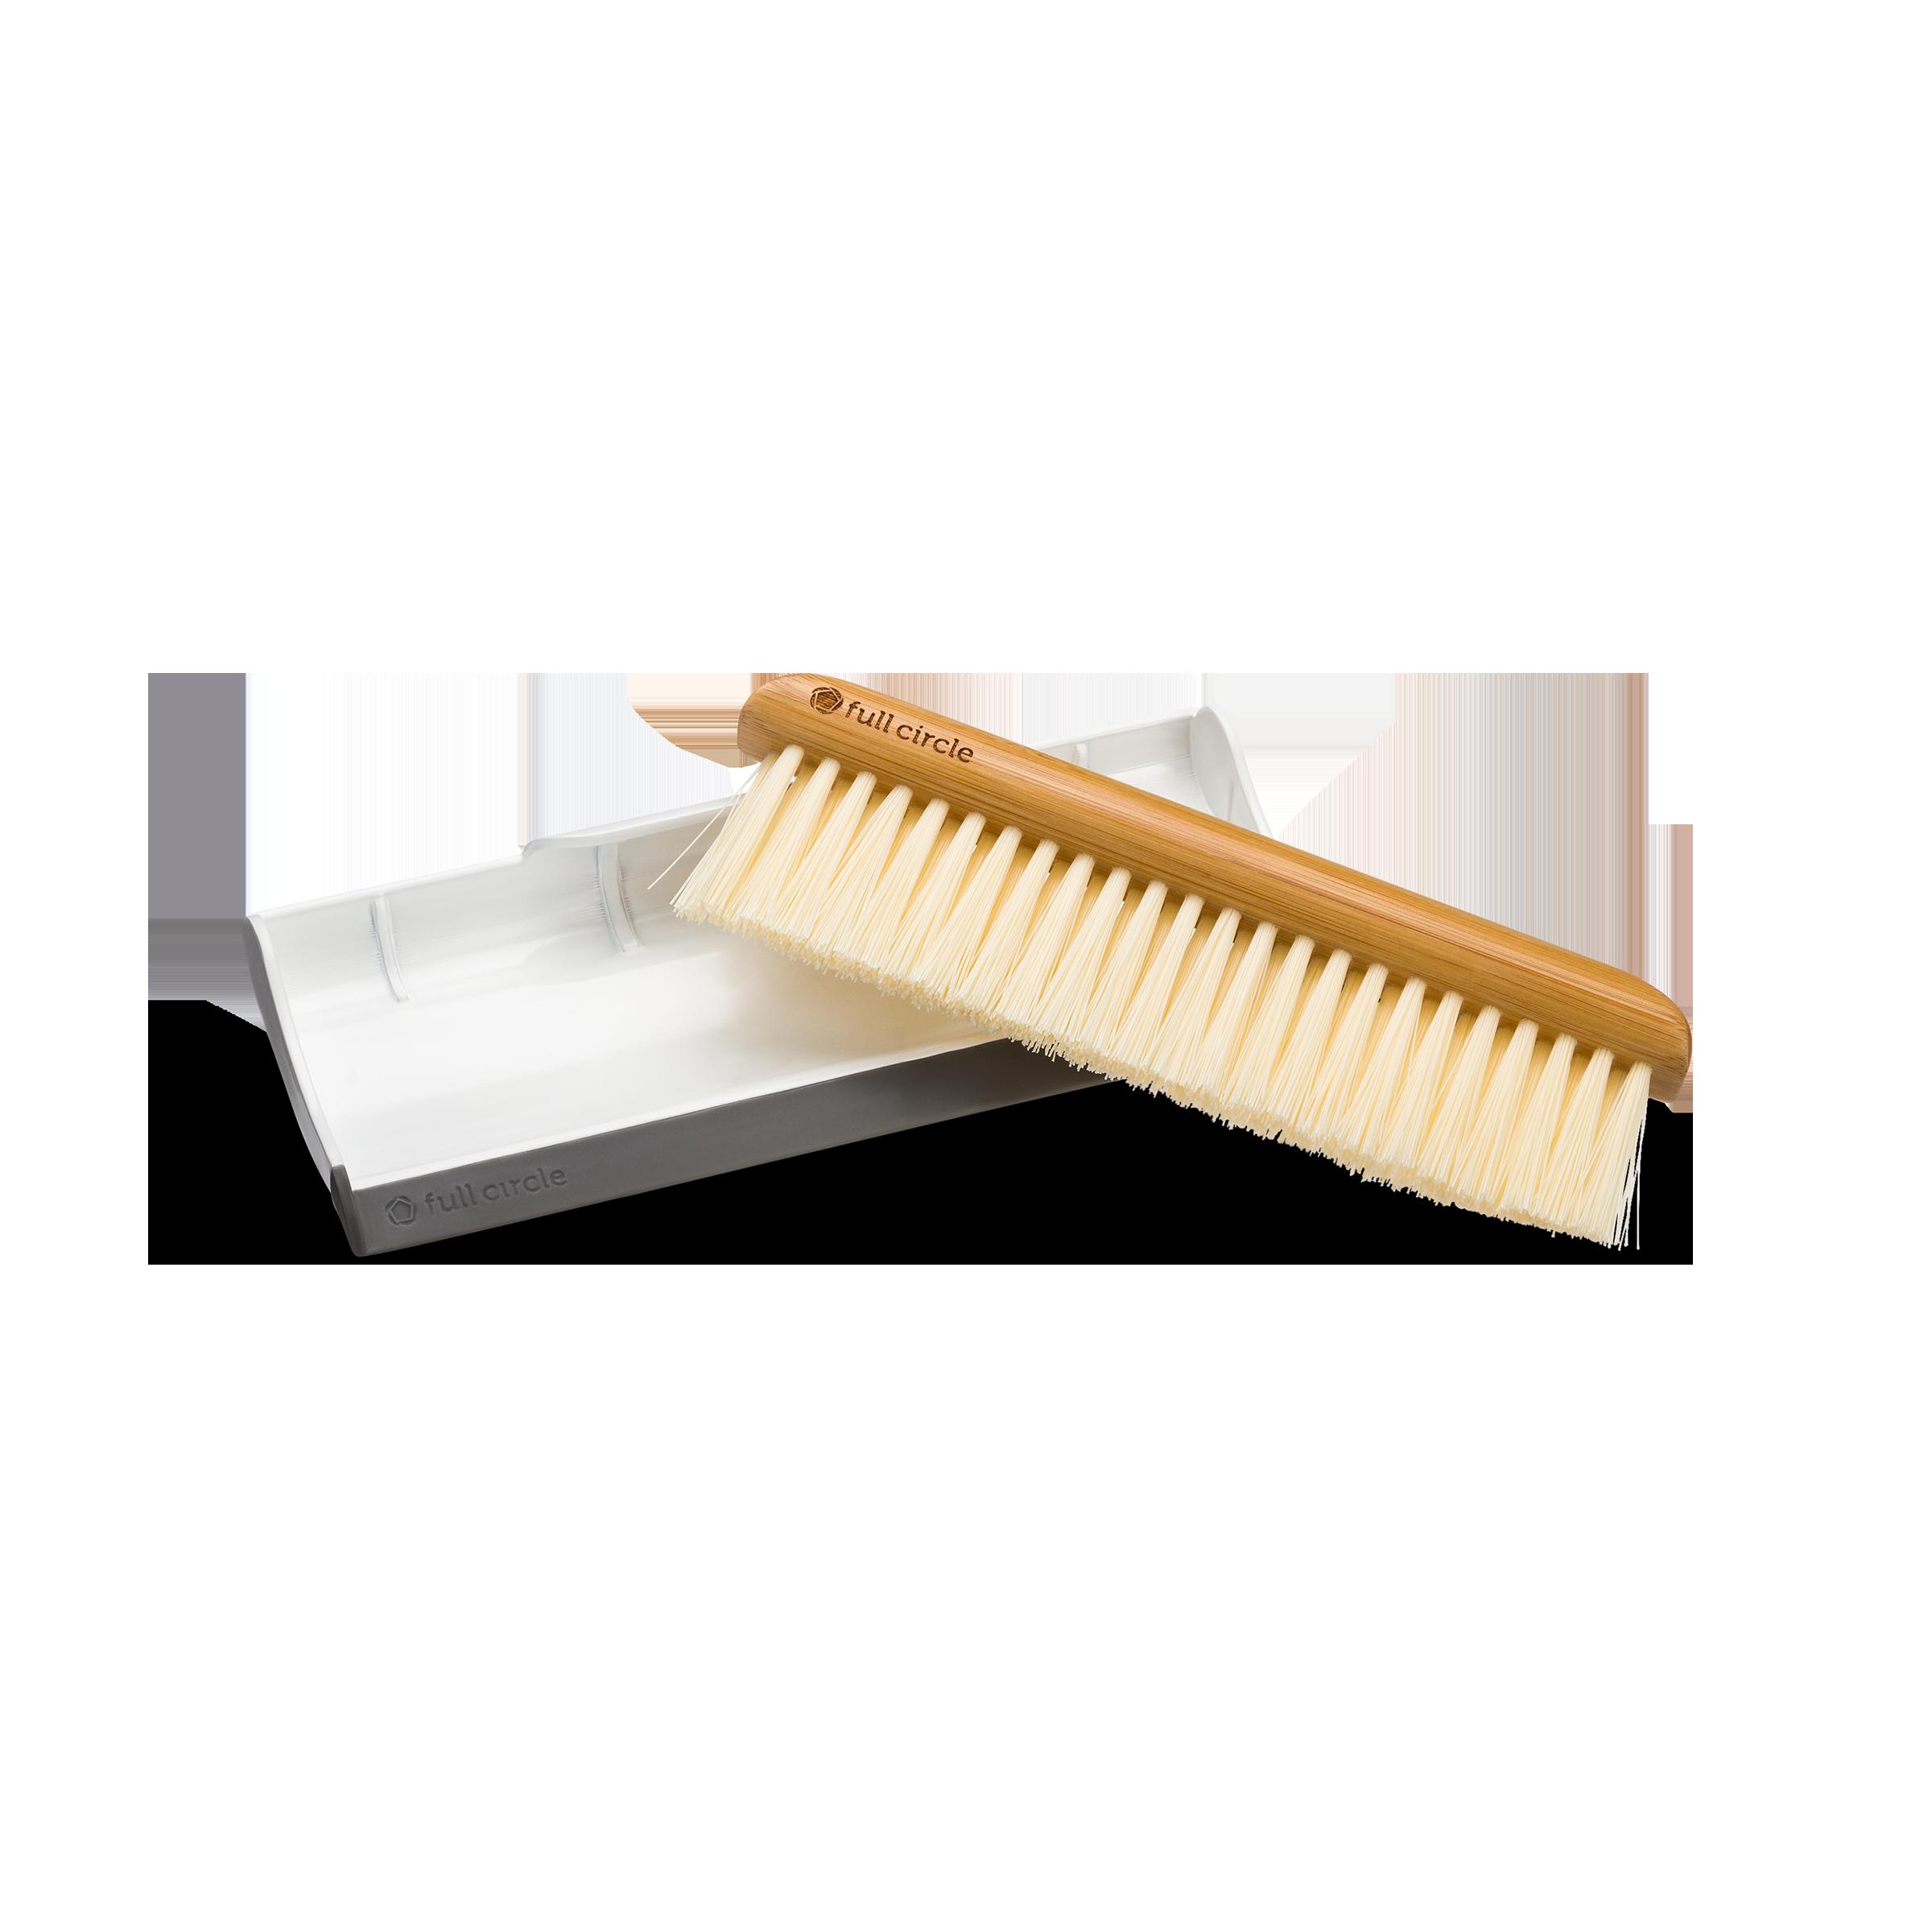 brush product image